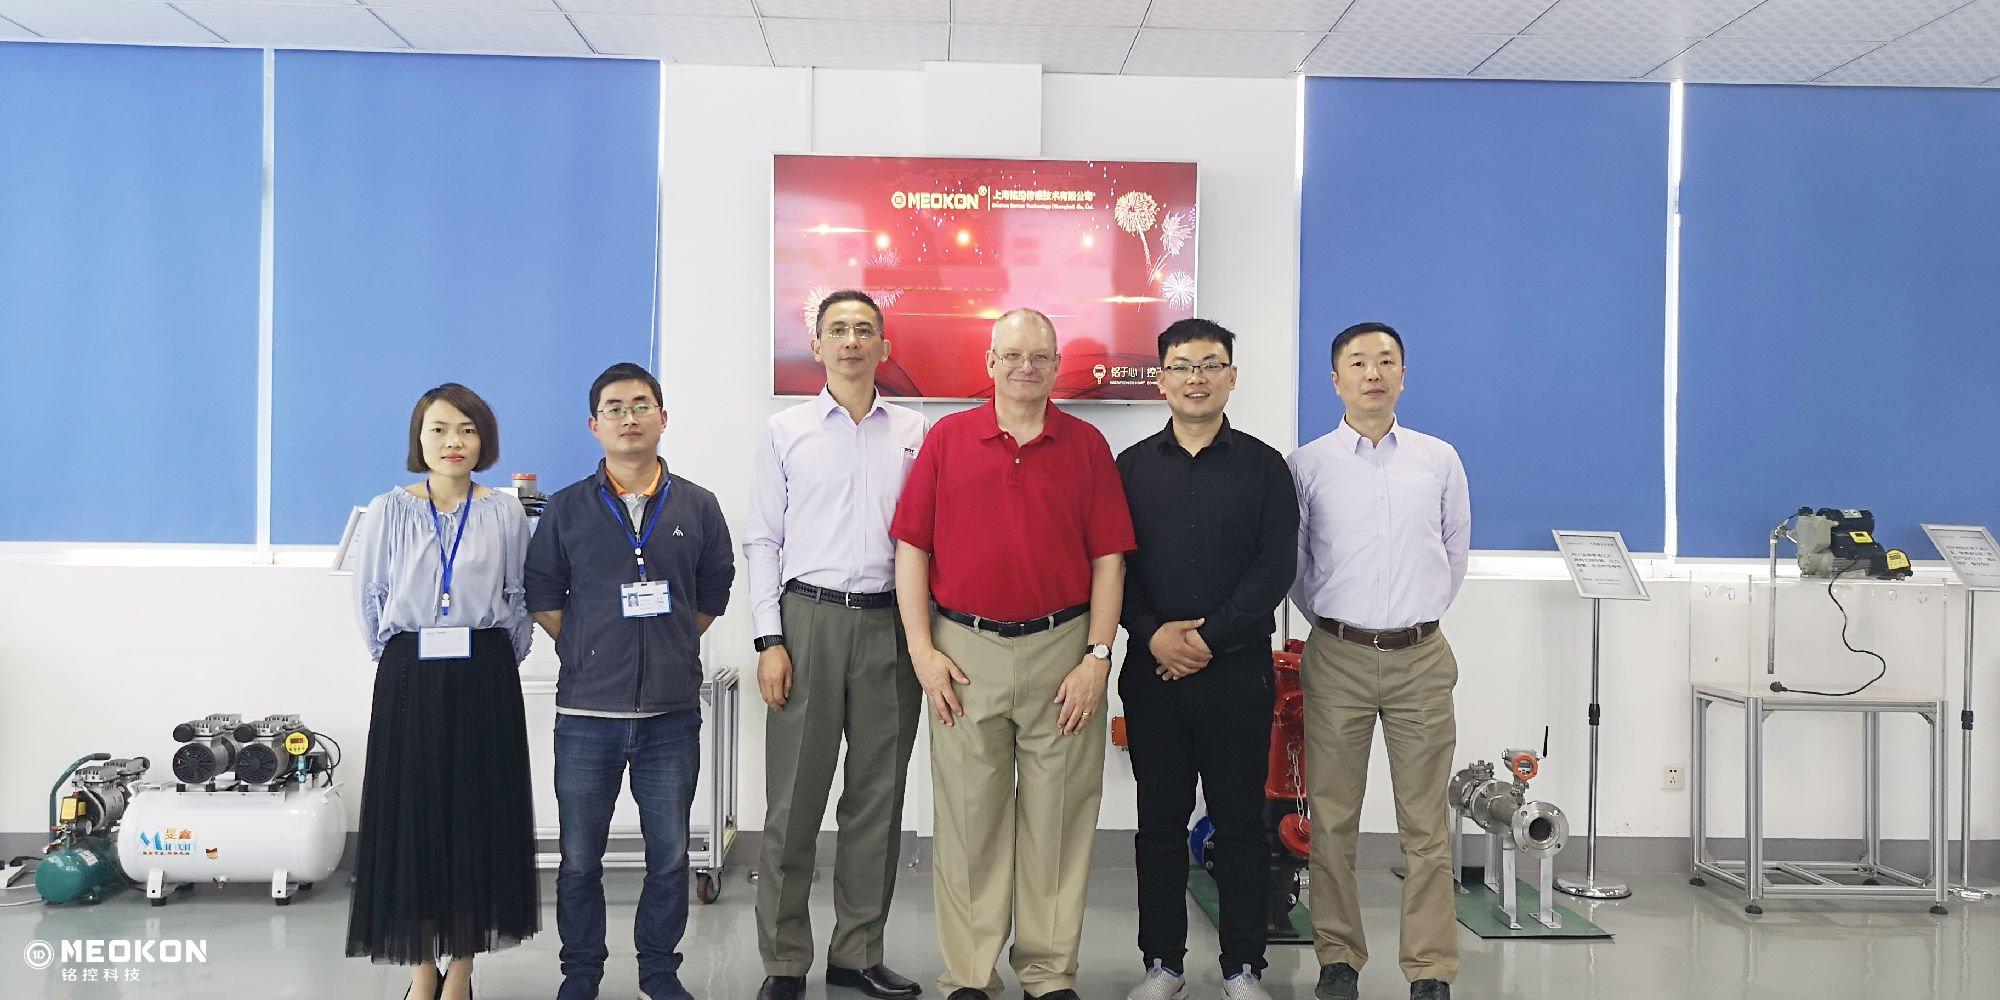 上海铭控:热烈欢迎美国客户来访上海铭控